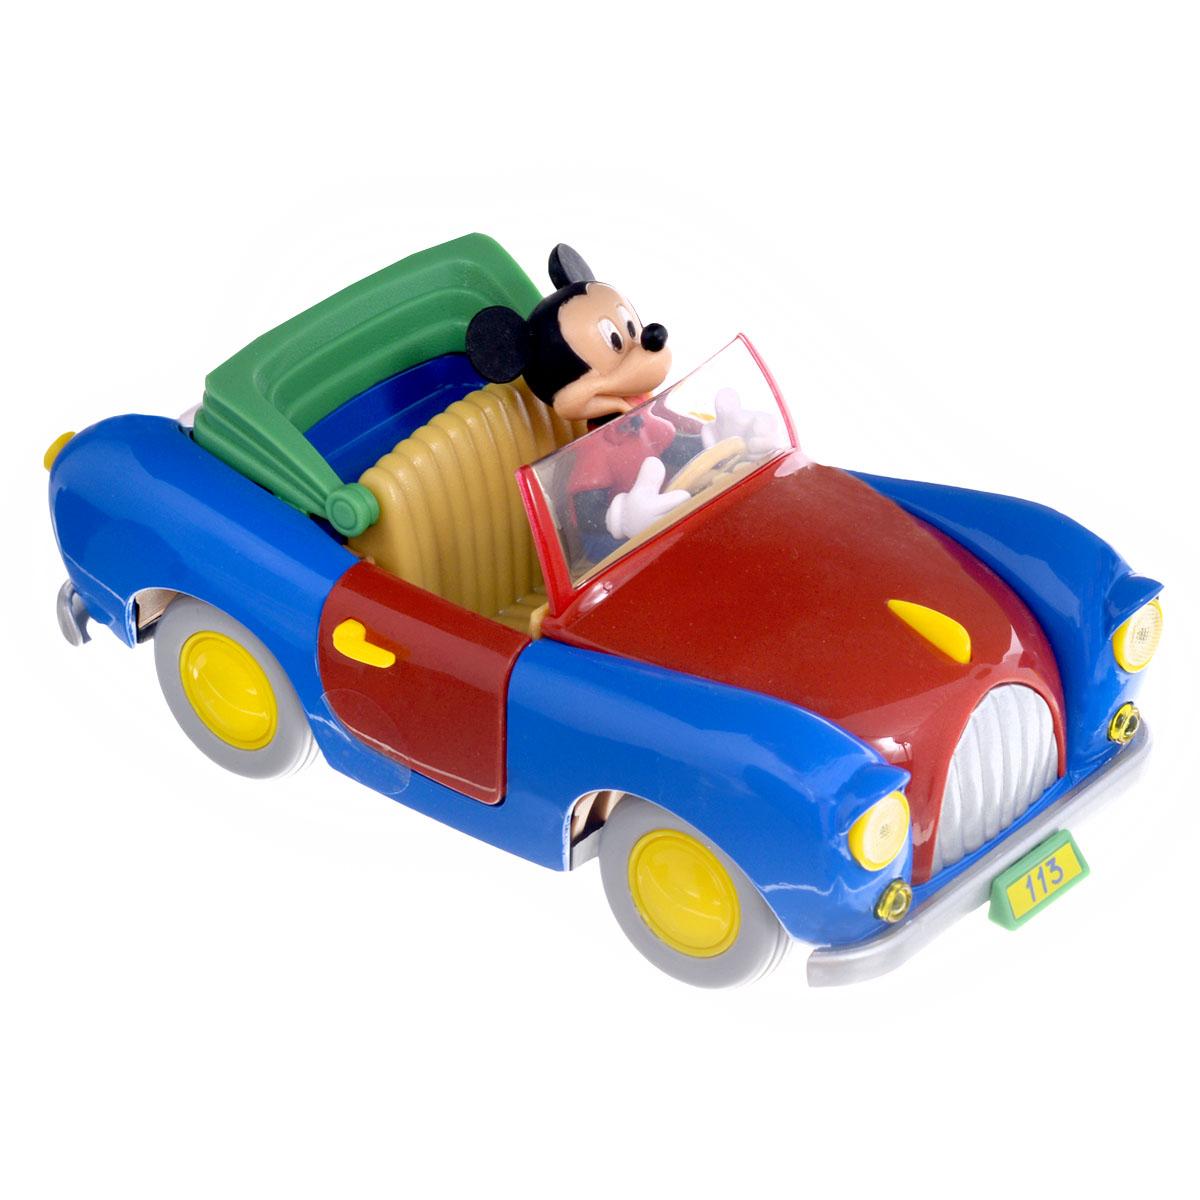 Disney Машинка Микки Маус499227Красочная машинка Disney Motorama Микки Маус приведет в восторг вашего малыша! Она выполнена из металла с элементами из пластика и представляет собой уменьшенную копию автомобиля Микки Мауса с фигуркой мышонка за рулем. Двери машинки открываются; прорезиненные колеса крутятся. Занятия с такой игрушкой помогут вашему малышу развить воображение и мышление. Ребенок проведет за игрой множество увлекательных часов, придумывая различные истории с участием любимого персонажа.